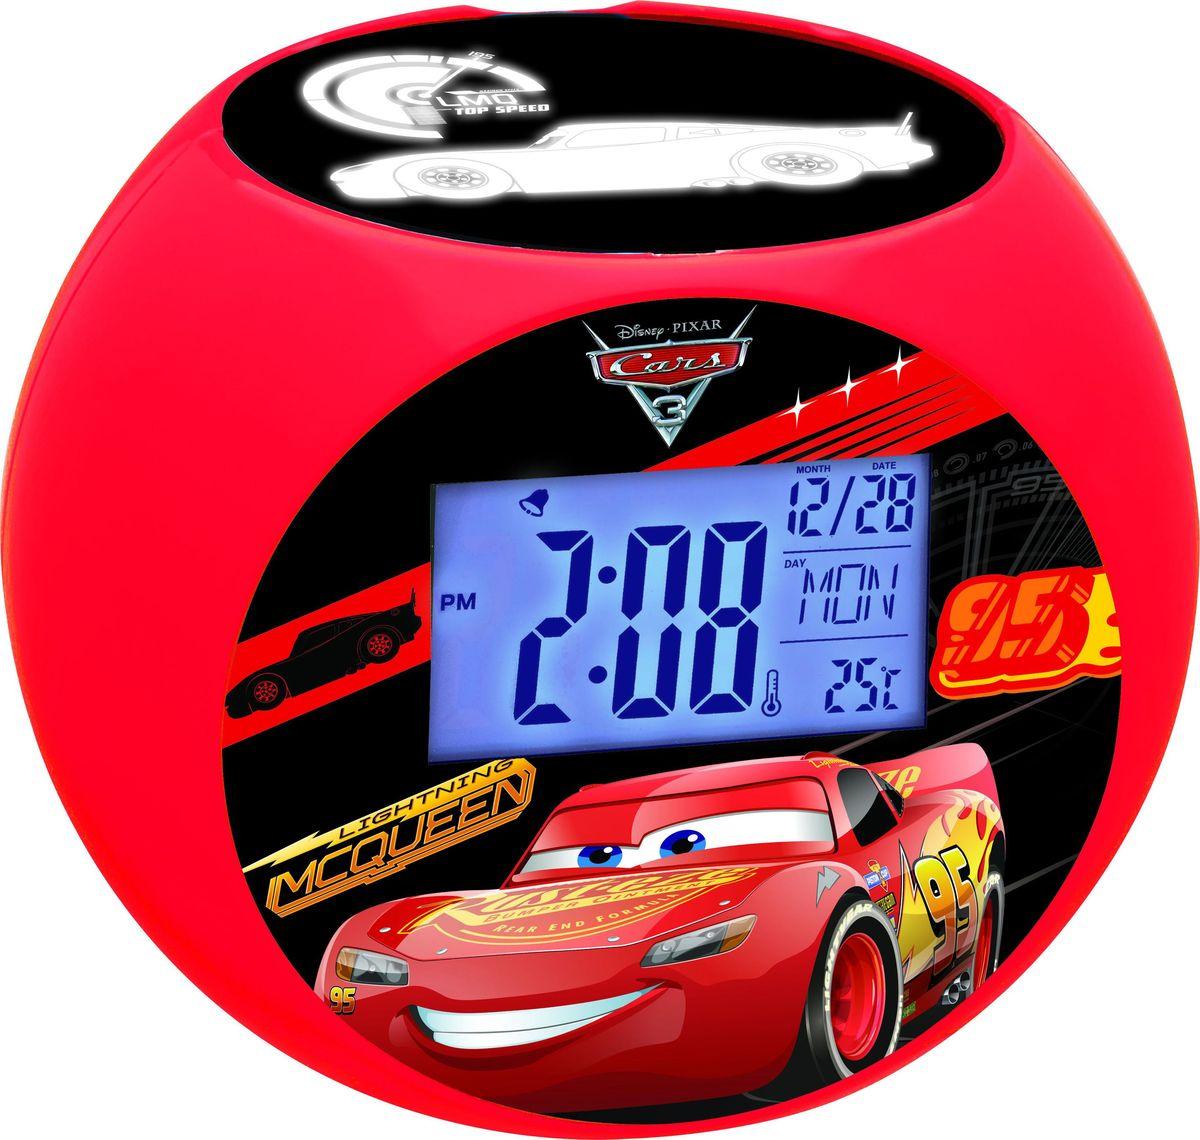 Lexibook Часы-прожектор Тачки267384Ваши любимые герои теперь будут еще ближе! Стильные и удобные радио-часы с ЖК экраном, сделанные в дизайне героев мультфильма с функциями будильника, ночника и проектора, который проецирует время и картинки на потолок. Благодаря 10-ти встроенным в радио-часы звукам природы вы можете расслабиться в любое время! Продукт произведен по официальной лицензии, прекрасный подарок детям и их родителям!